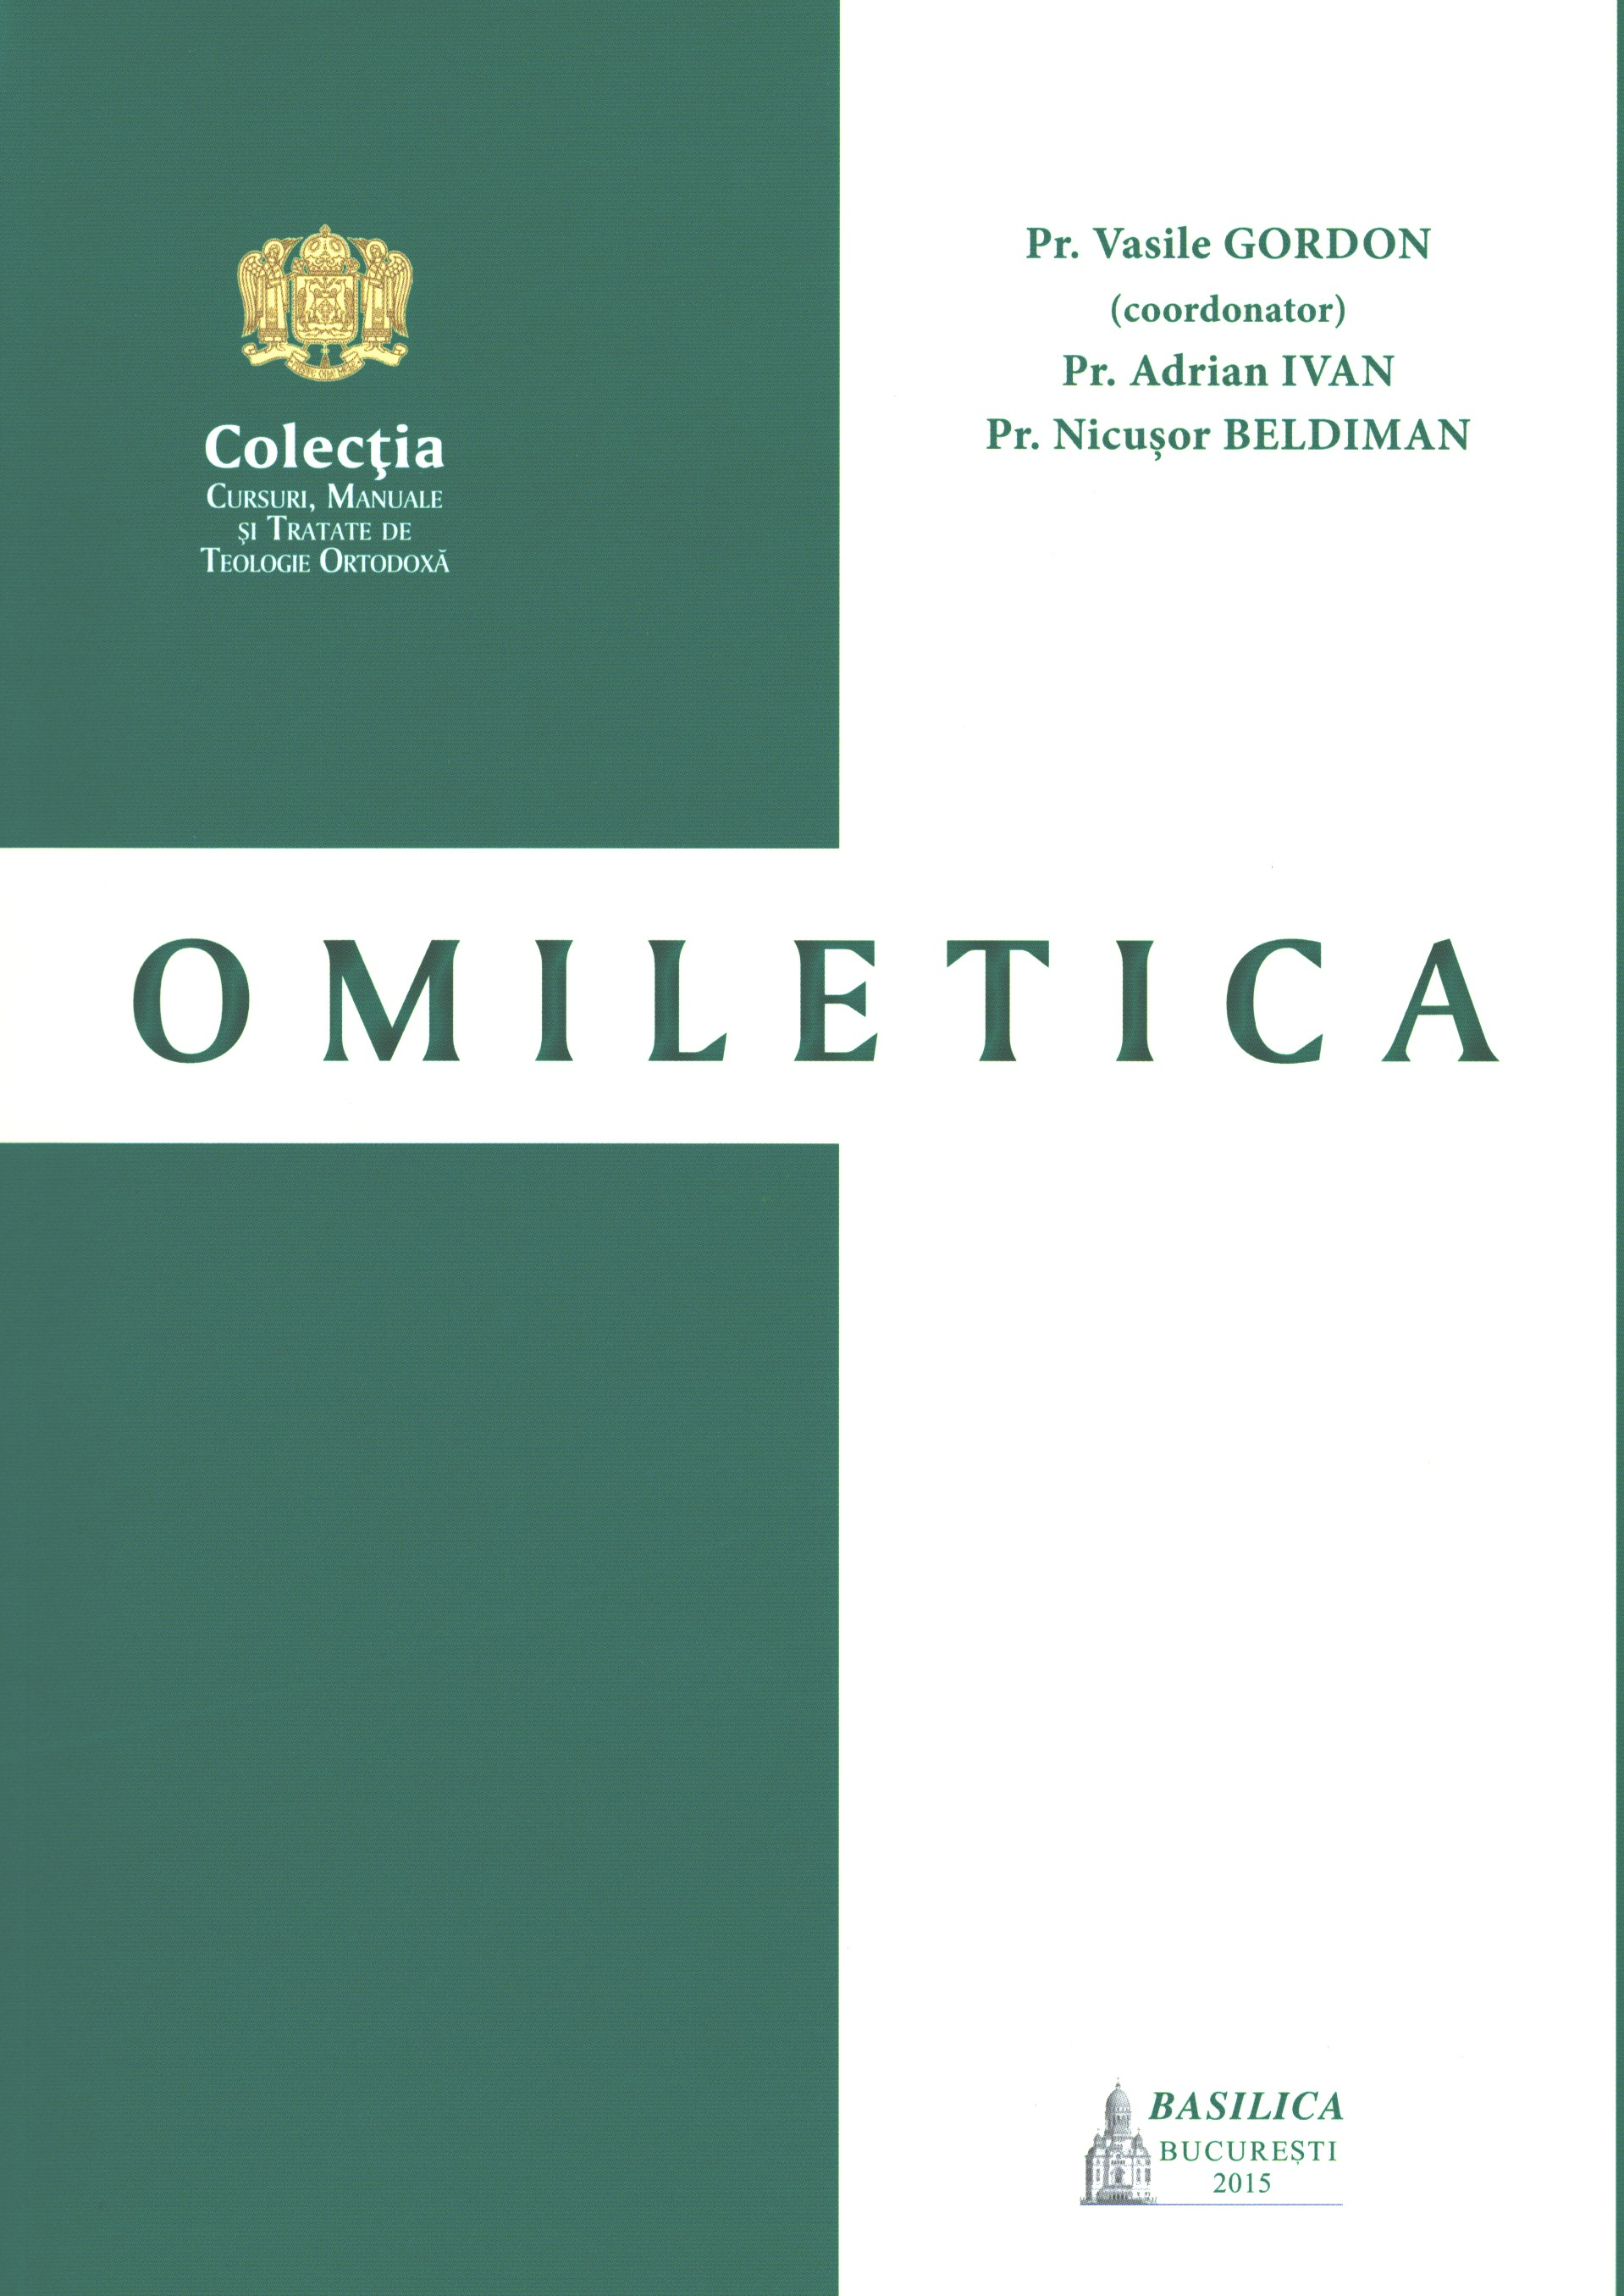 Omiletica